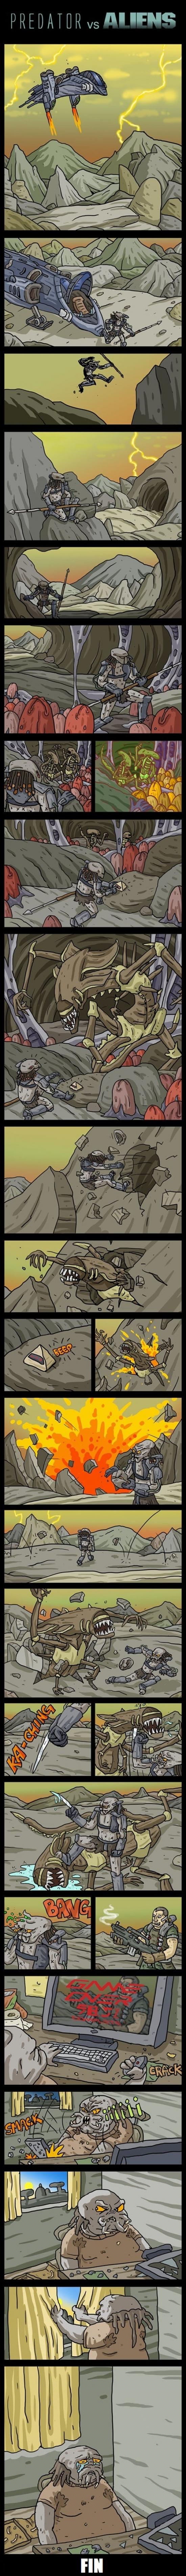 Otros - La verdadera historia de Alien vs. Predator